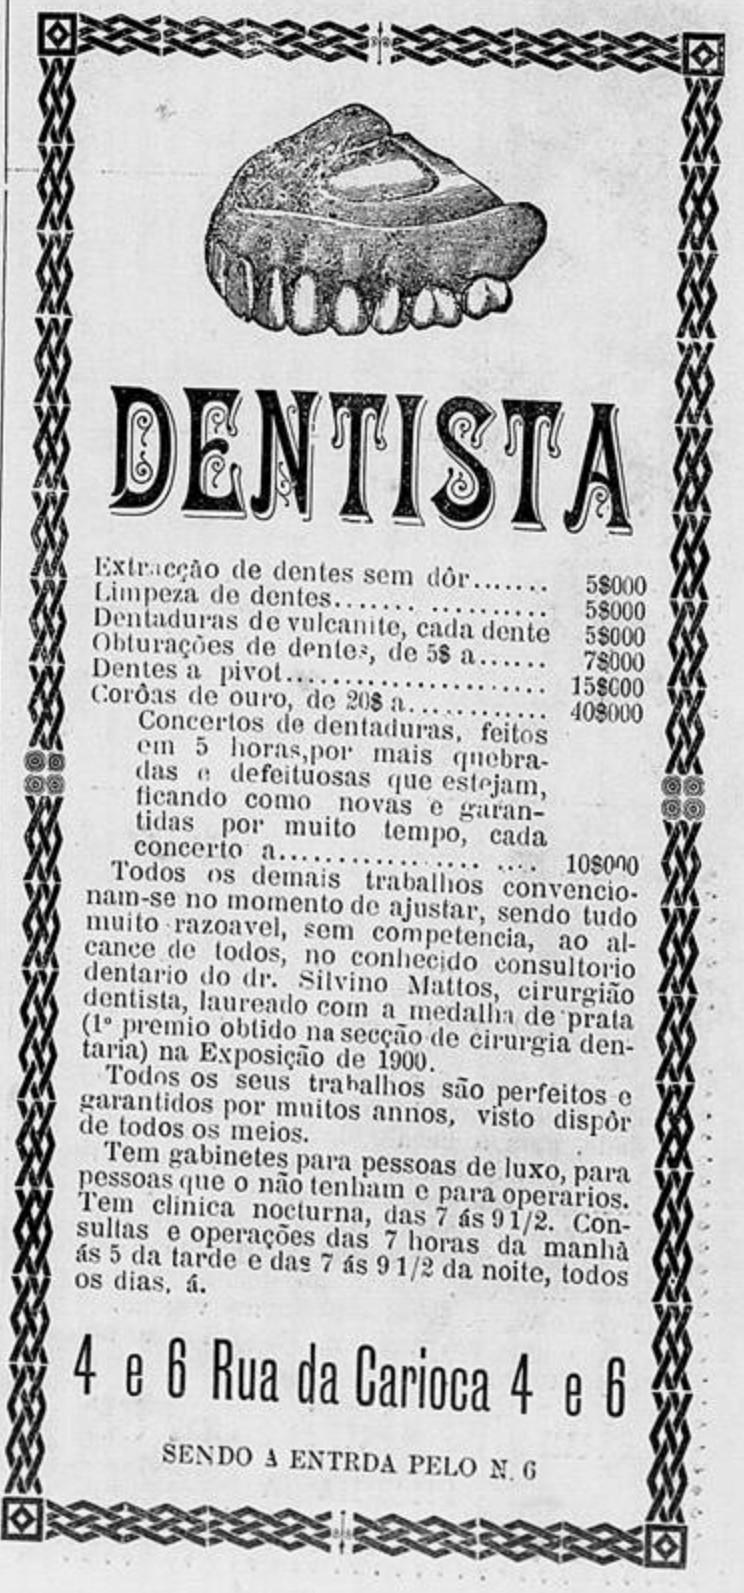 Anúncio de dentista veiculado em jornal no ano de 1902